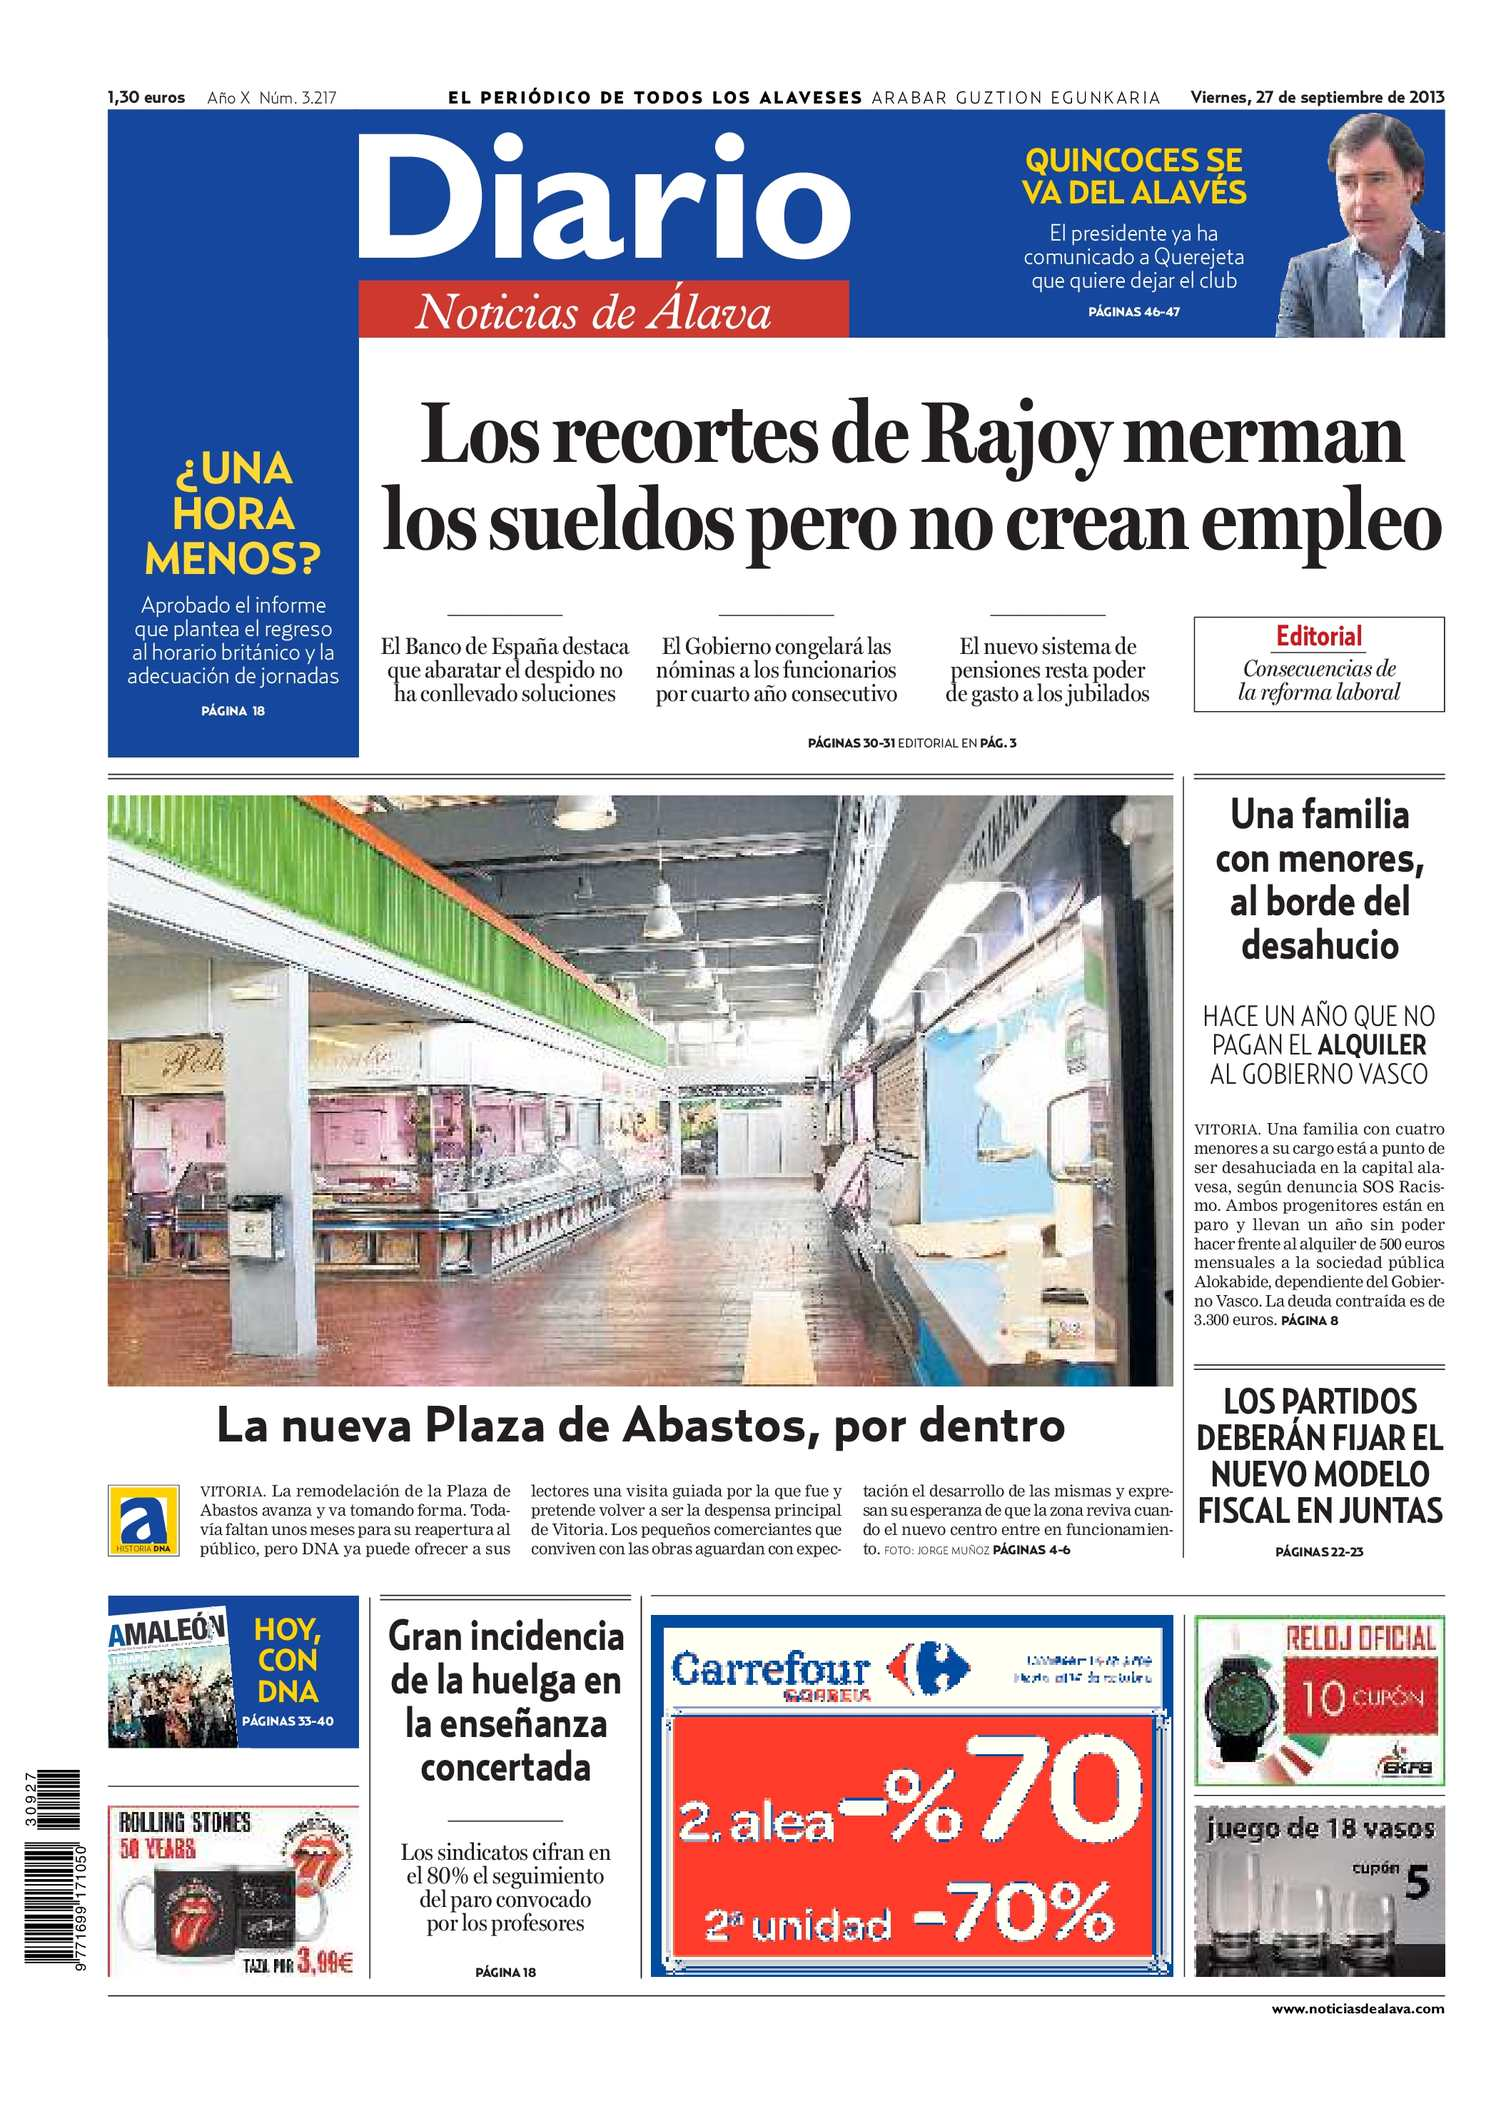 Calaméo - Diario de Noticias de Álava 20130927